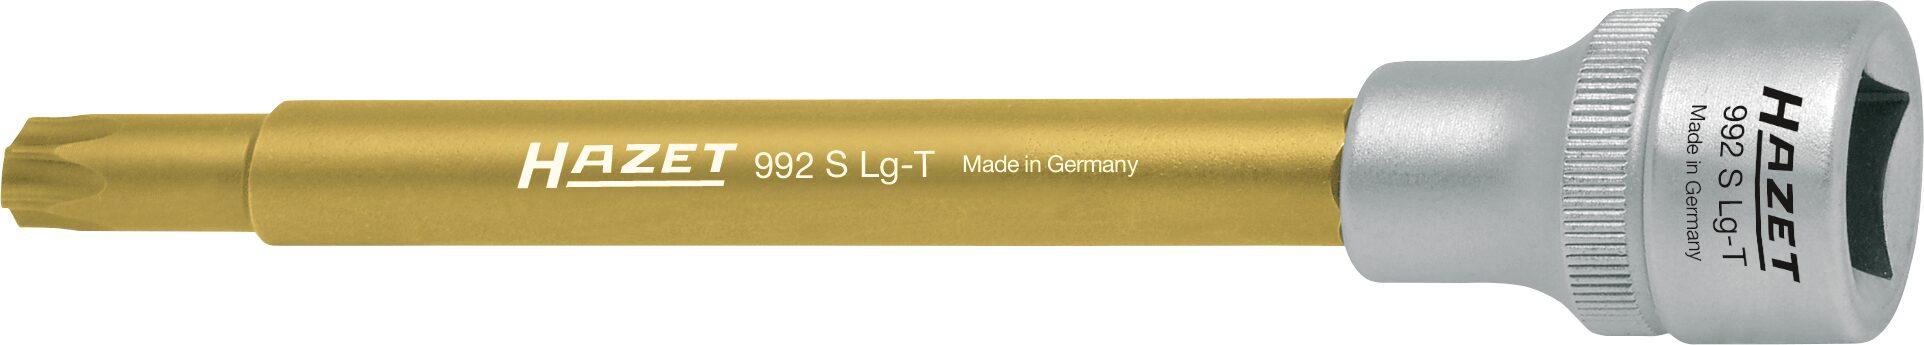 HAZET Schraubendreher-Steckschlüsseleinsatz TORX® 992SLG-T45 ∙ Vierkant hohl 12,5 mm (1/2 Zoll) ∙ Innen TORX® Profil